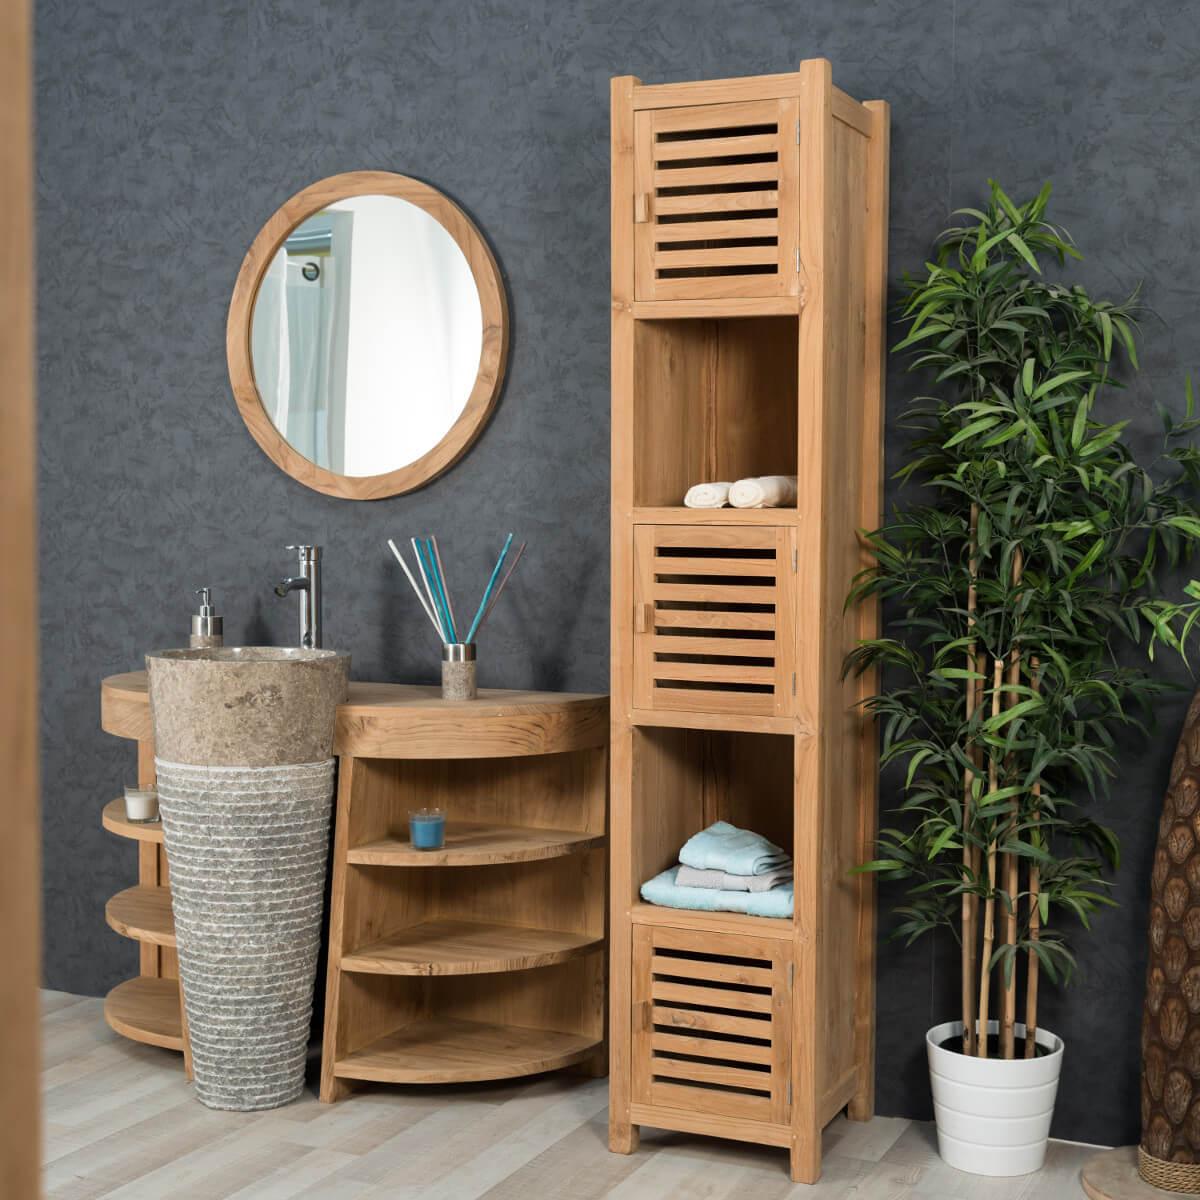 Modèles de colonnes pour une belle salle de bains - Concept bain